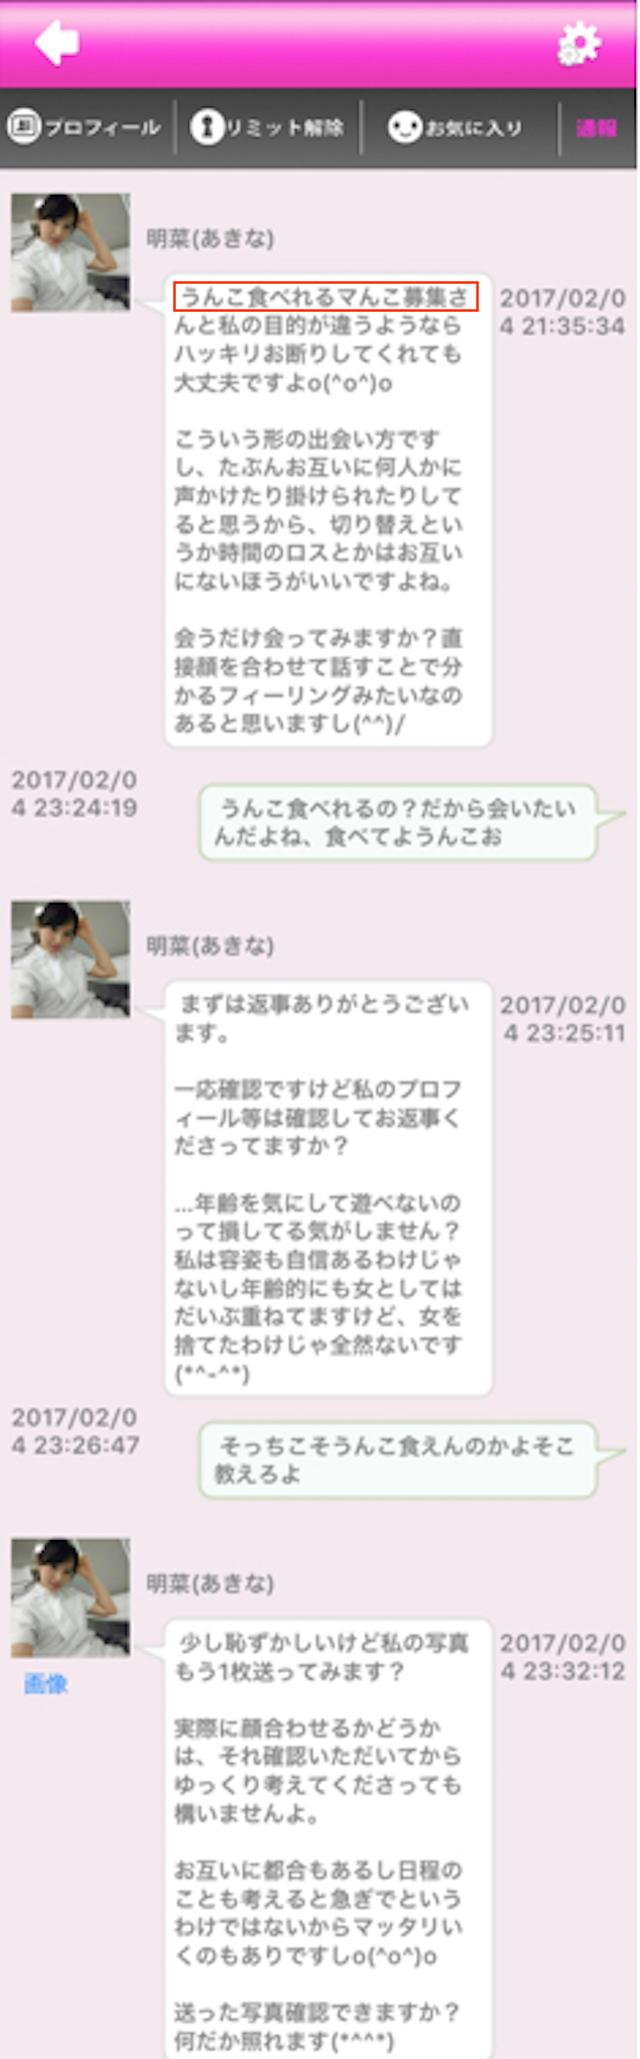 otonachat_sakura